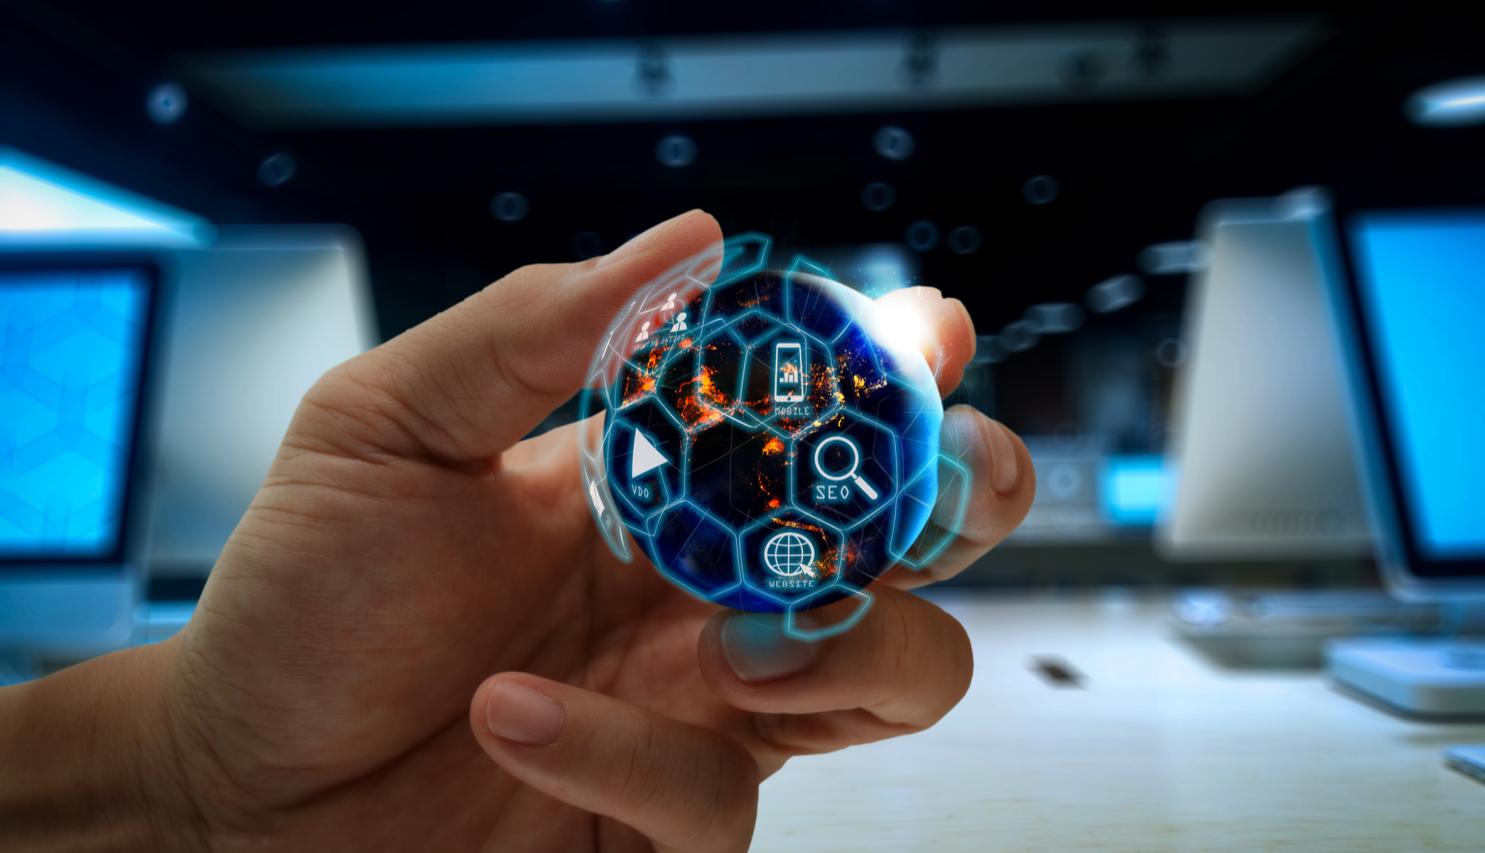 Applicazioni IoT: perché le aziende devono scegliere bene l'ecosistema